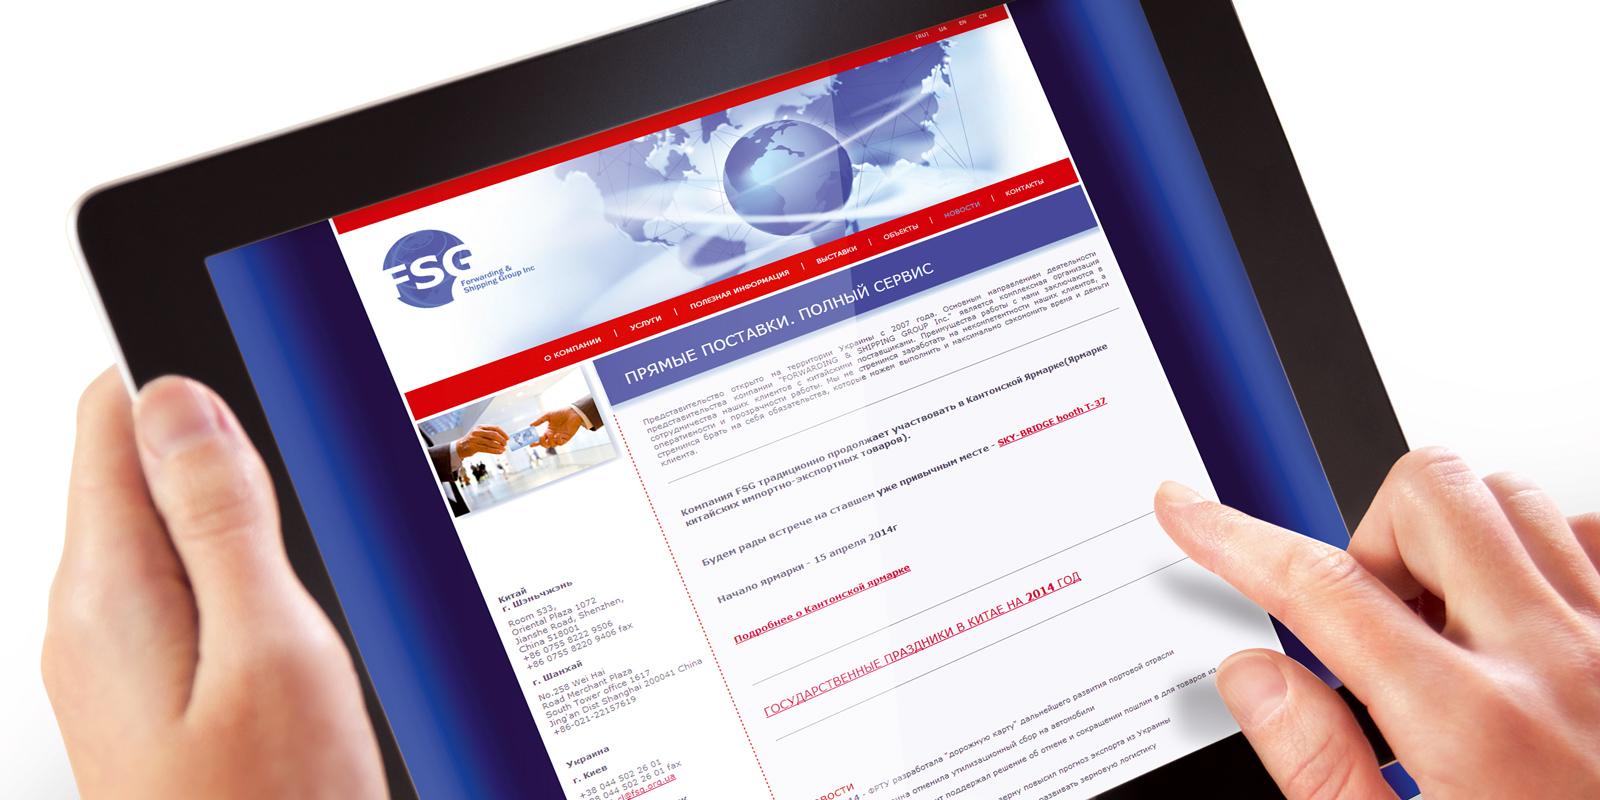 Компания «Forwarding & Shipping Group»;;;;;;Разработка и дизайн сайта (организация сотрудничества с Китаем);;;;;;<span>Клиент:</span> Корпорация «Алеф»;;;;;;;;;;;;Разработка и дизайн сайта (организация сотрудничества с Китаем);;;;;; 3 ;;;;;;www.fsg.org.ua